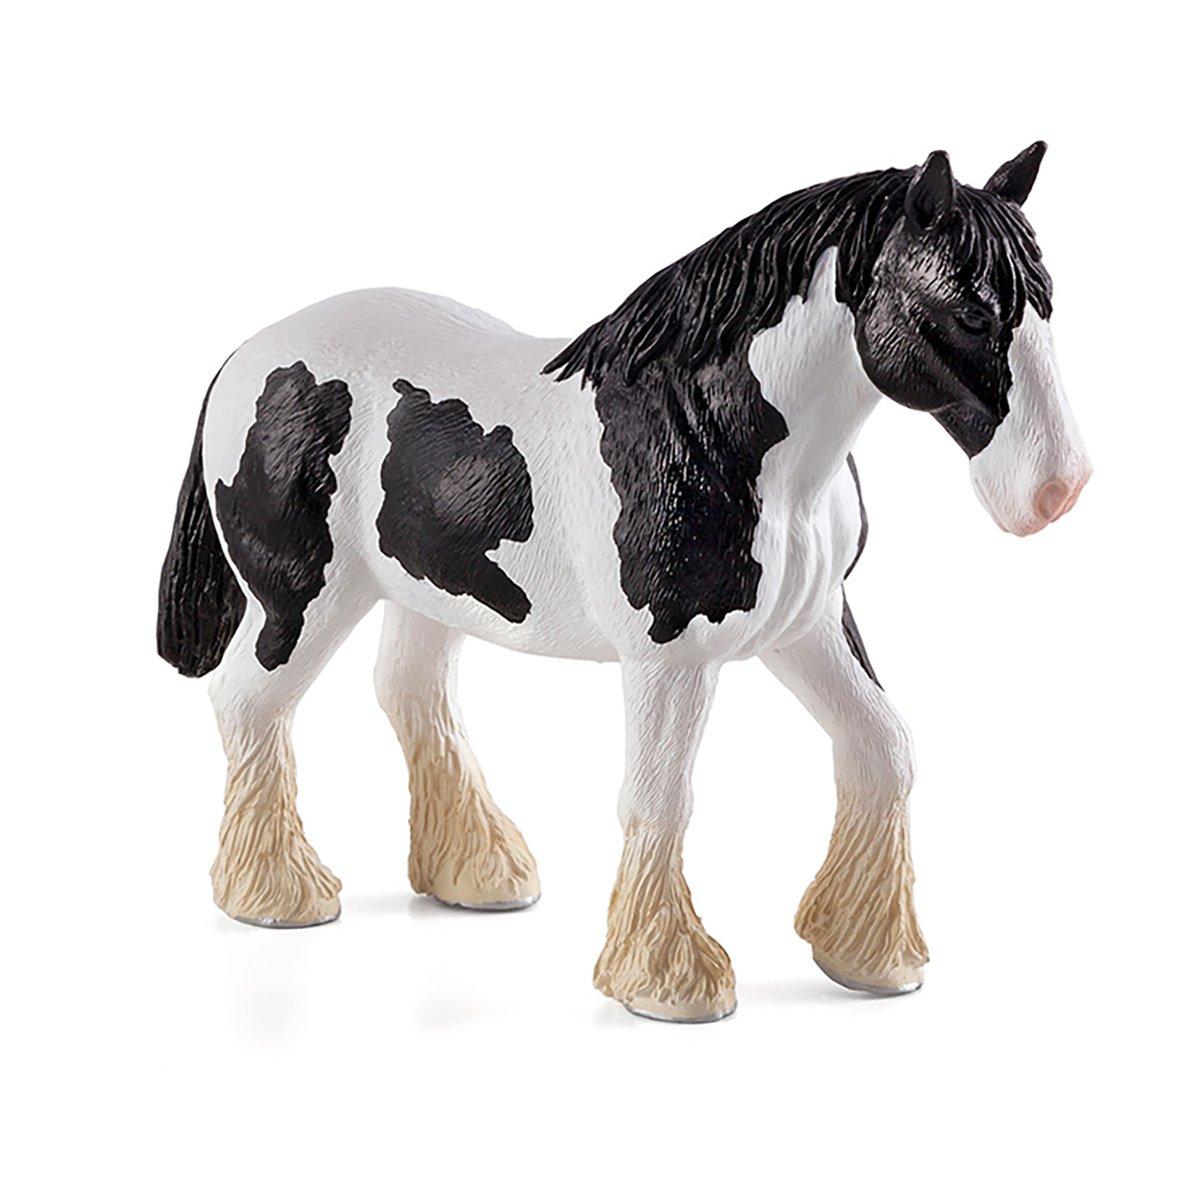 Figurina Mojo, Cal alb cu negru Clydesdale